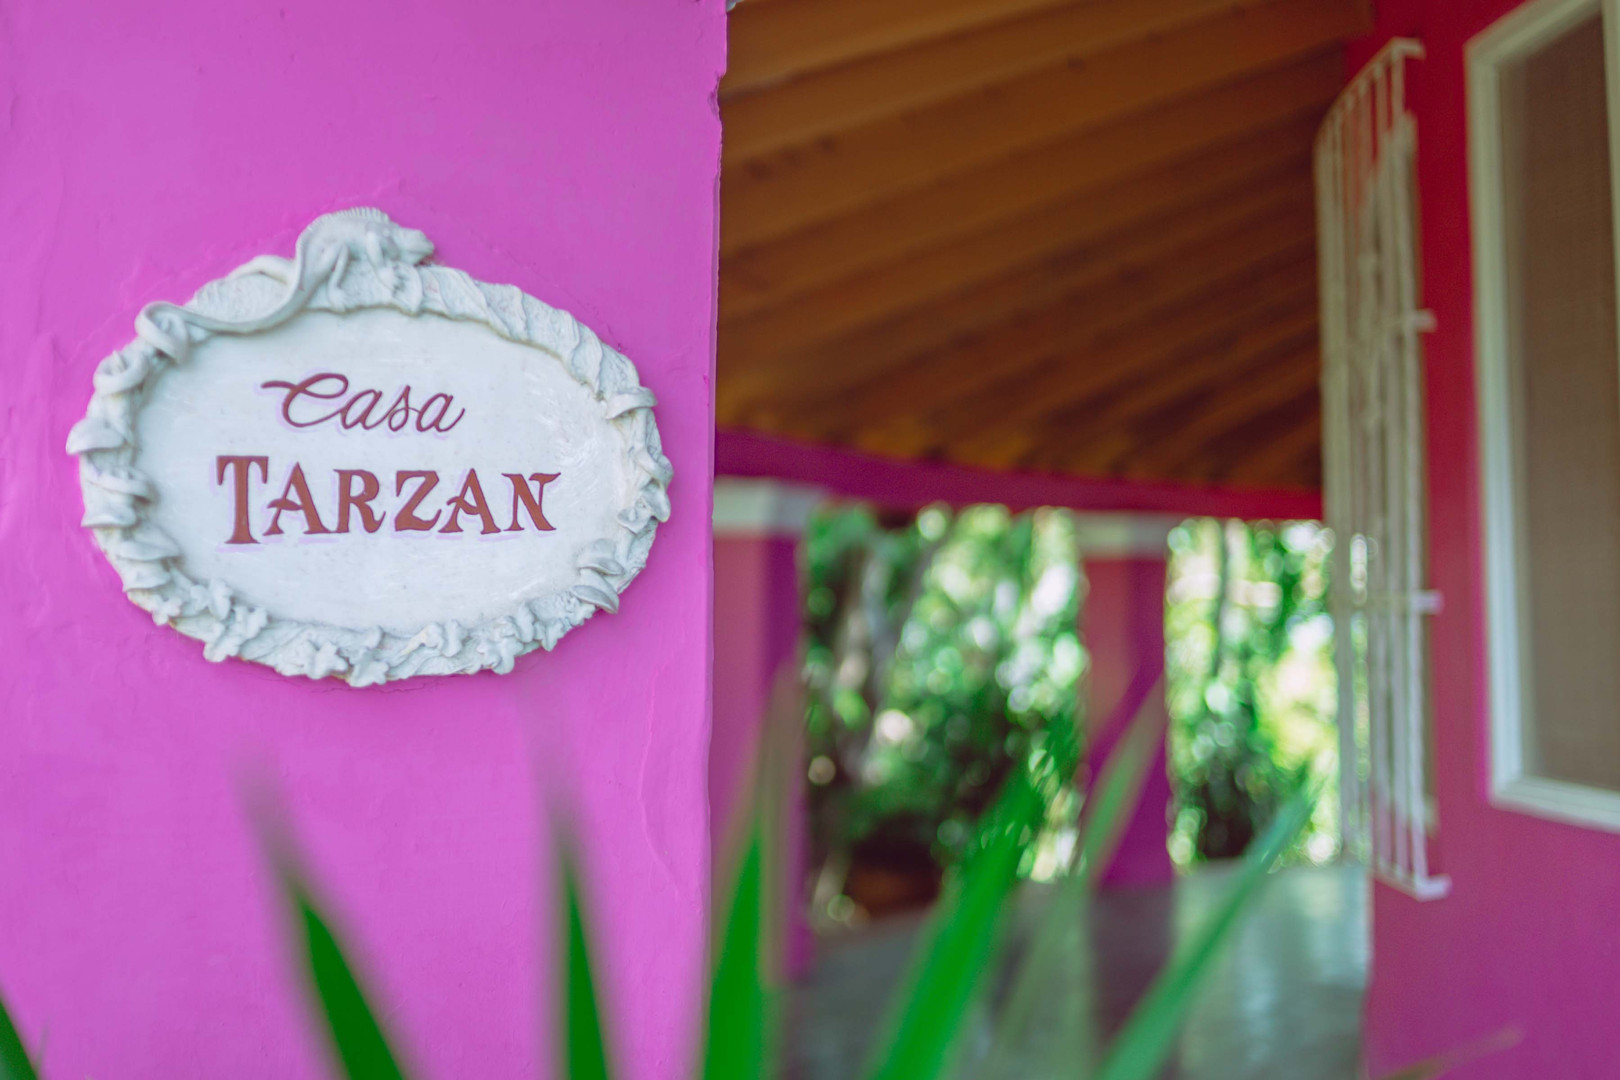 CASA TARZAN ROTULO.jpg